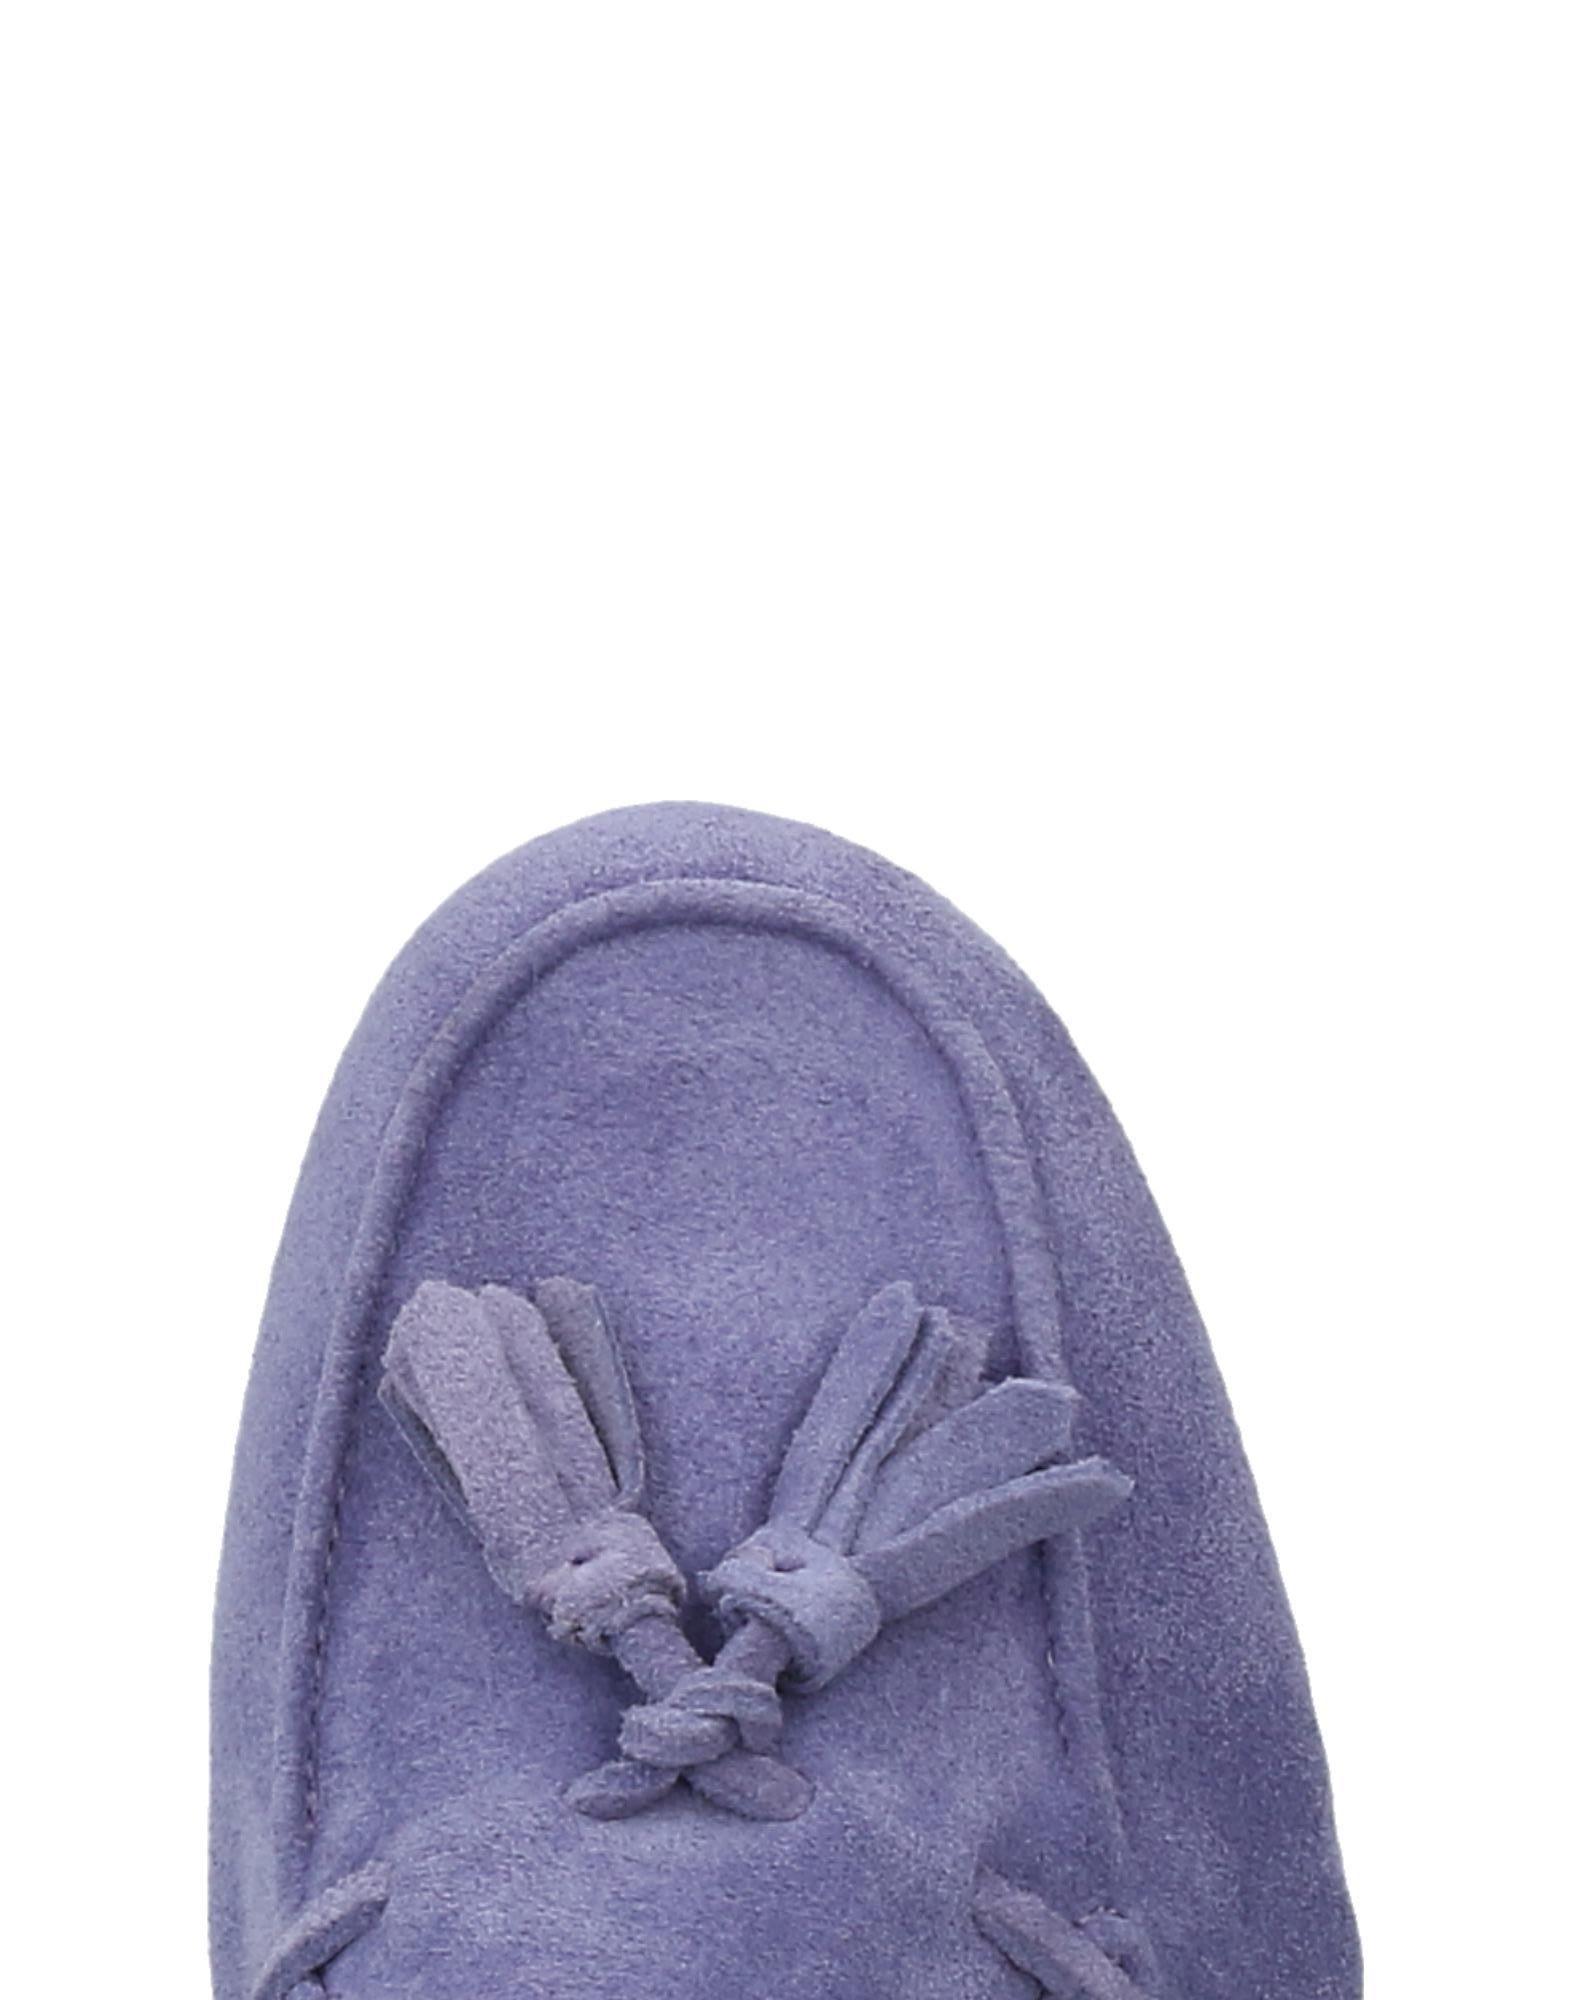 Andrea Ventura Firenze Mokassins Gute Damen  11441789AN Gute Mokassins Qualität beliebte Schuhe 1d812a